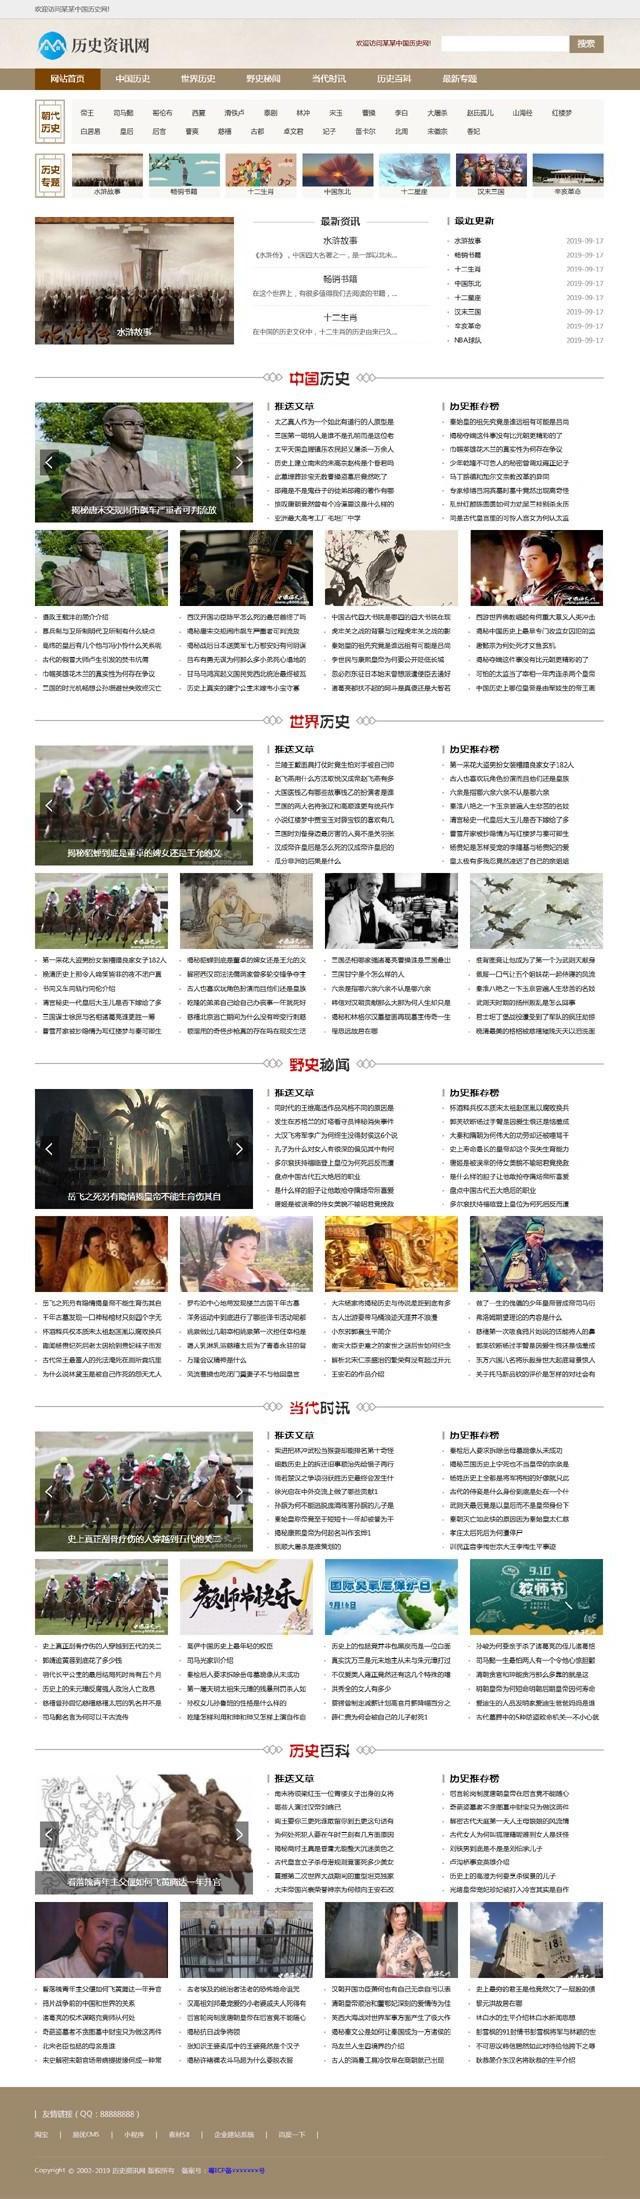 (带手机端)历史新闻资讯网博客新闻军事历史类网站源码 网站源码 第1张